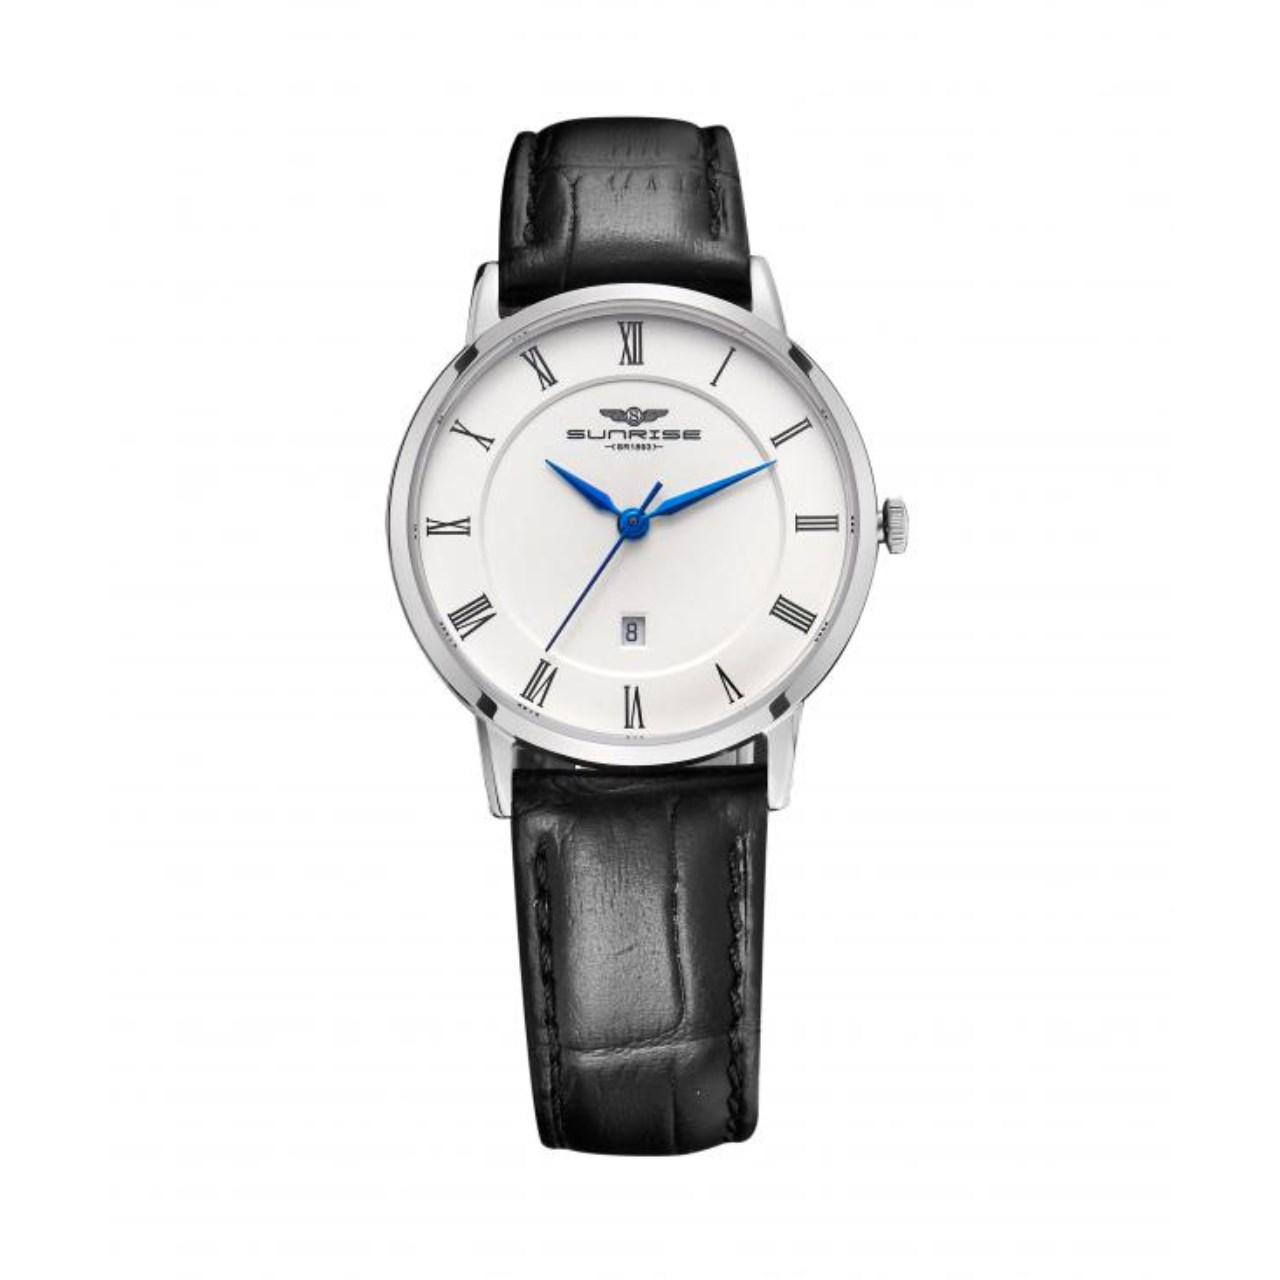 ساعت عقربه ای زنانه سانرایز  مدل SL1082.4102 52